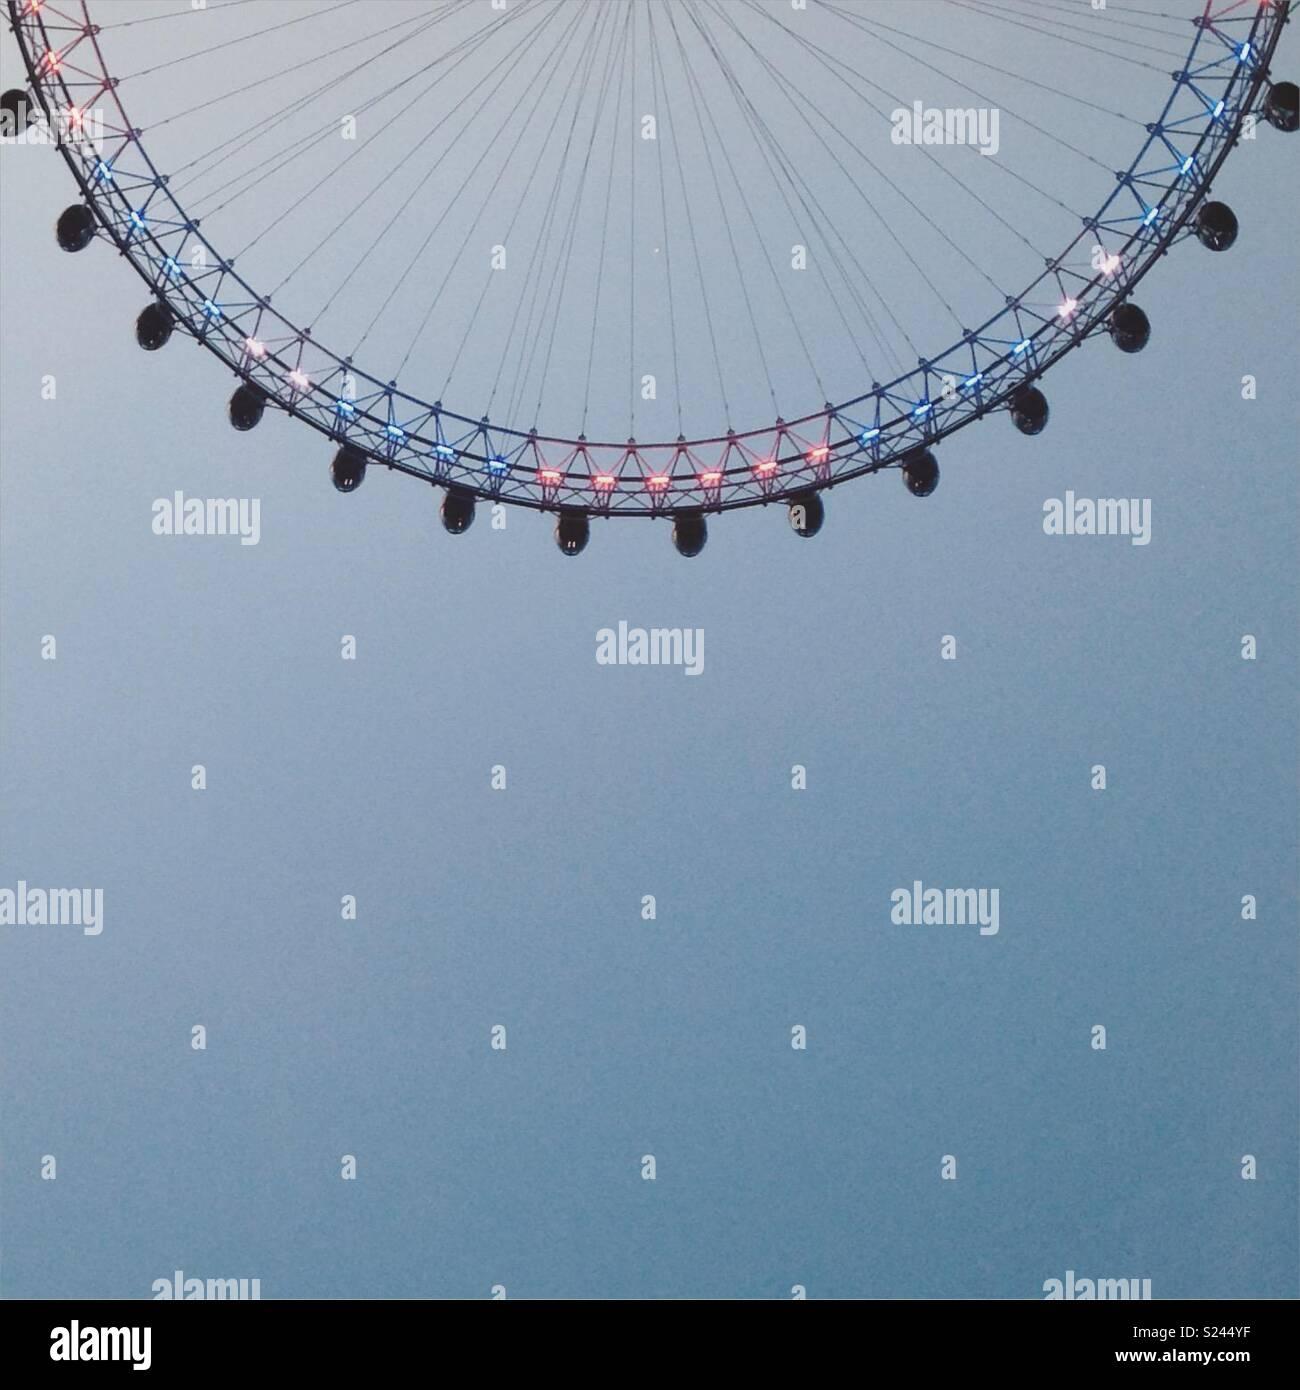 London Eye Riesenrad auf den Kopf gestellt - ein ungewöhnliches Bild eines Londoner Sehenswürdigkeiten Stockbild